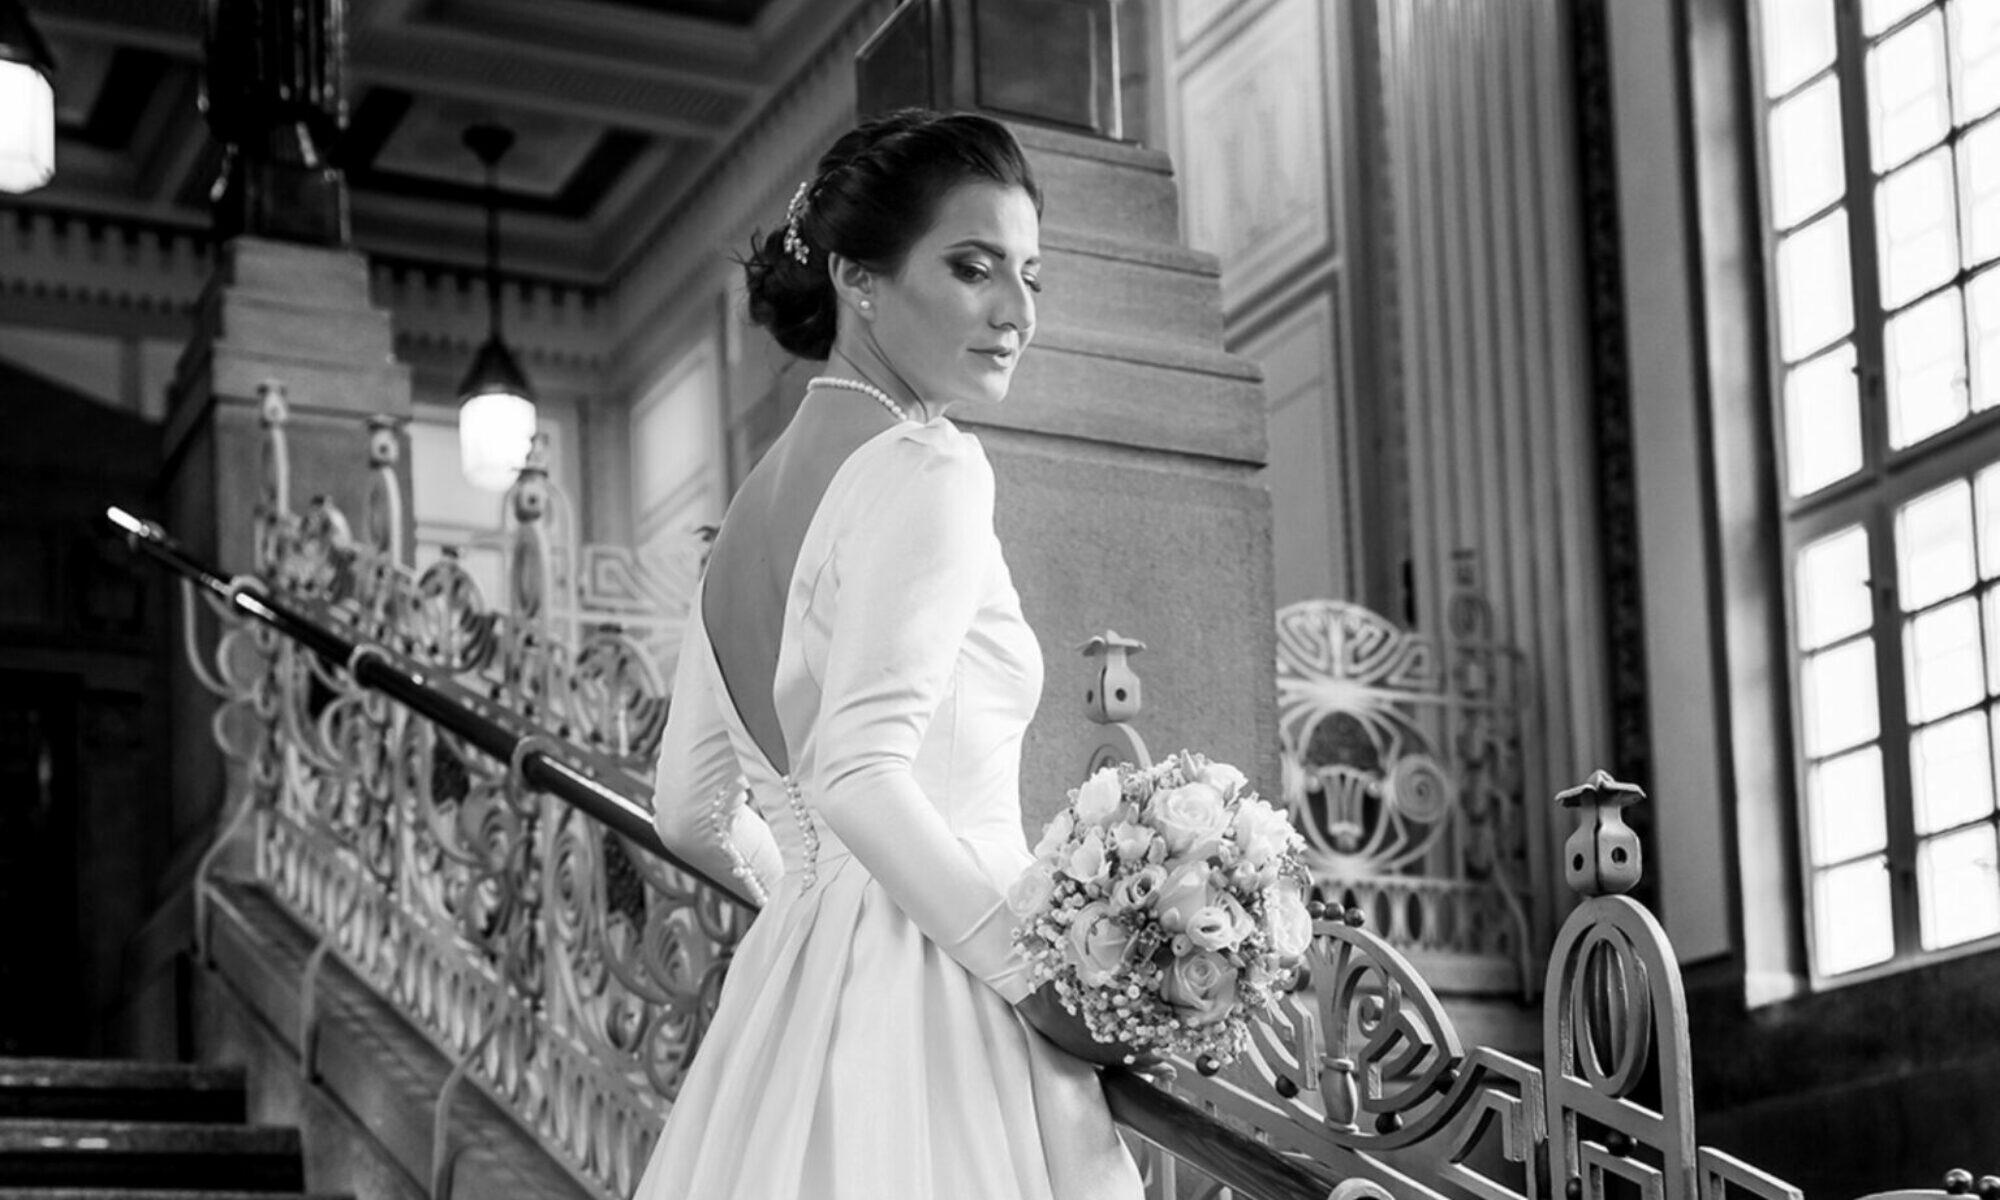 Focení svatby-Svatební fotograf Olomouc, Svatební fotografka, Svatební video